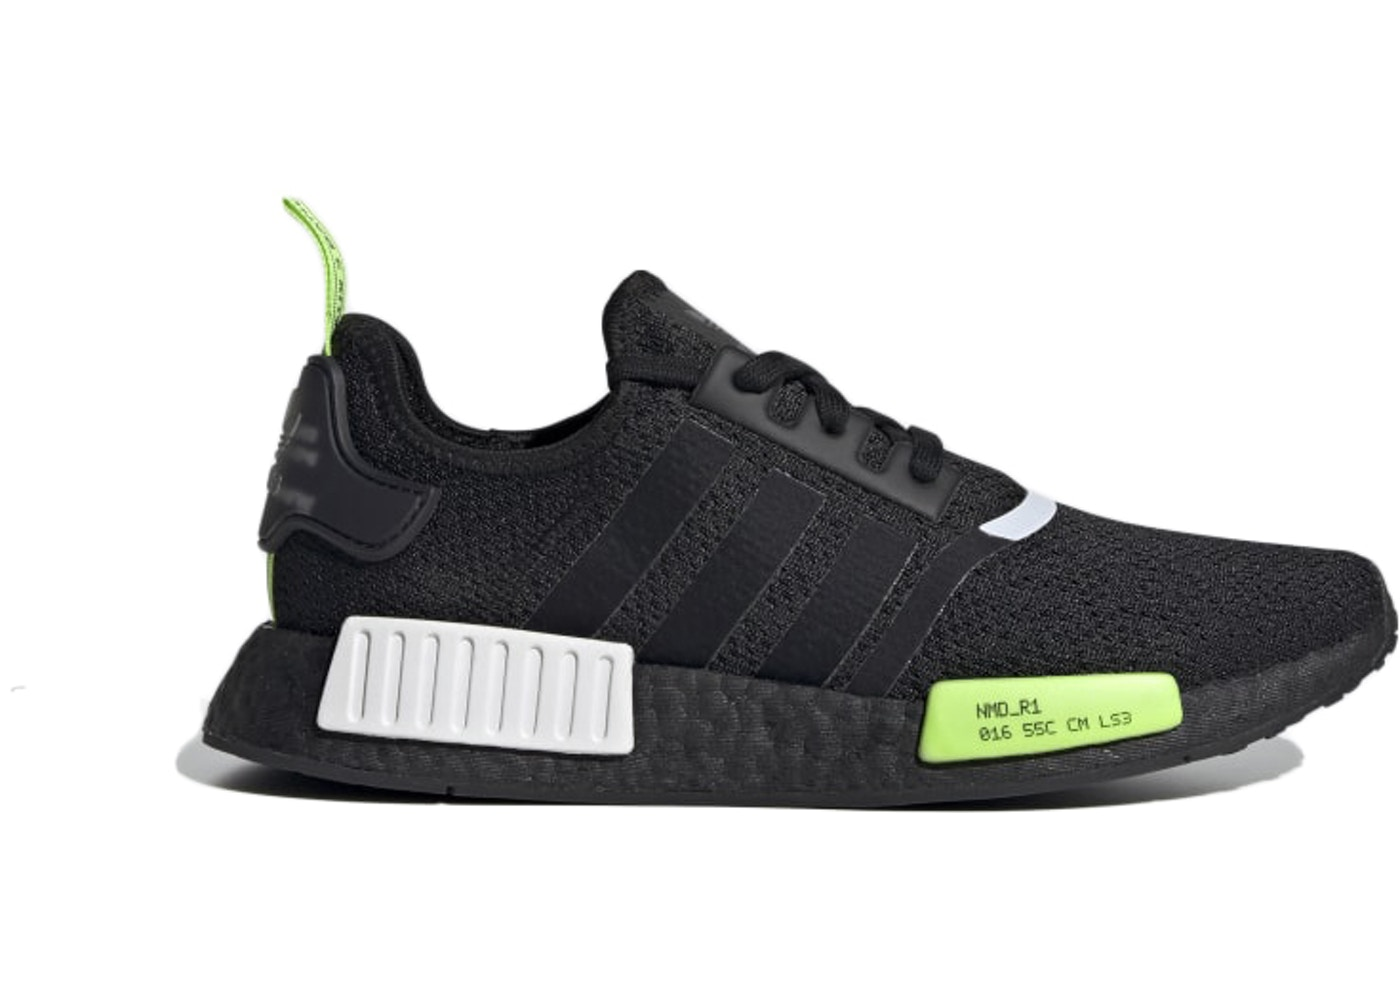 Adidas Nmd R1 Core Black Signal Green Ef4268